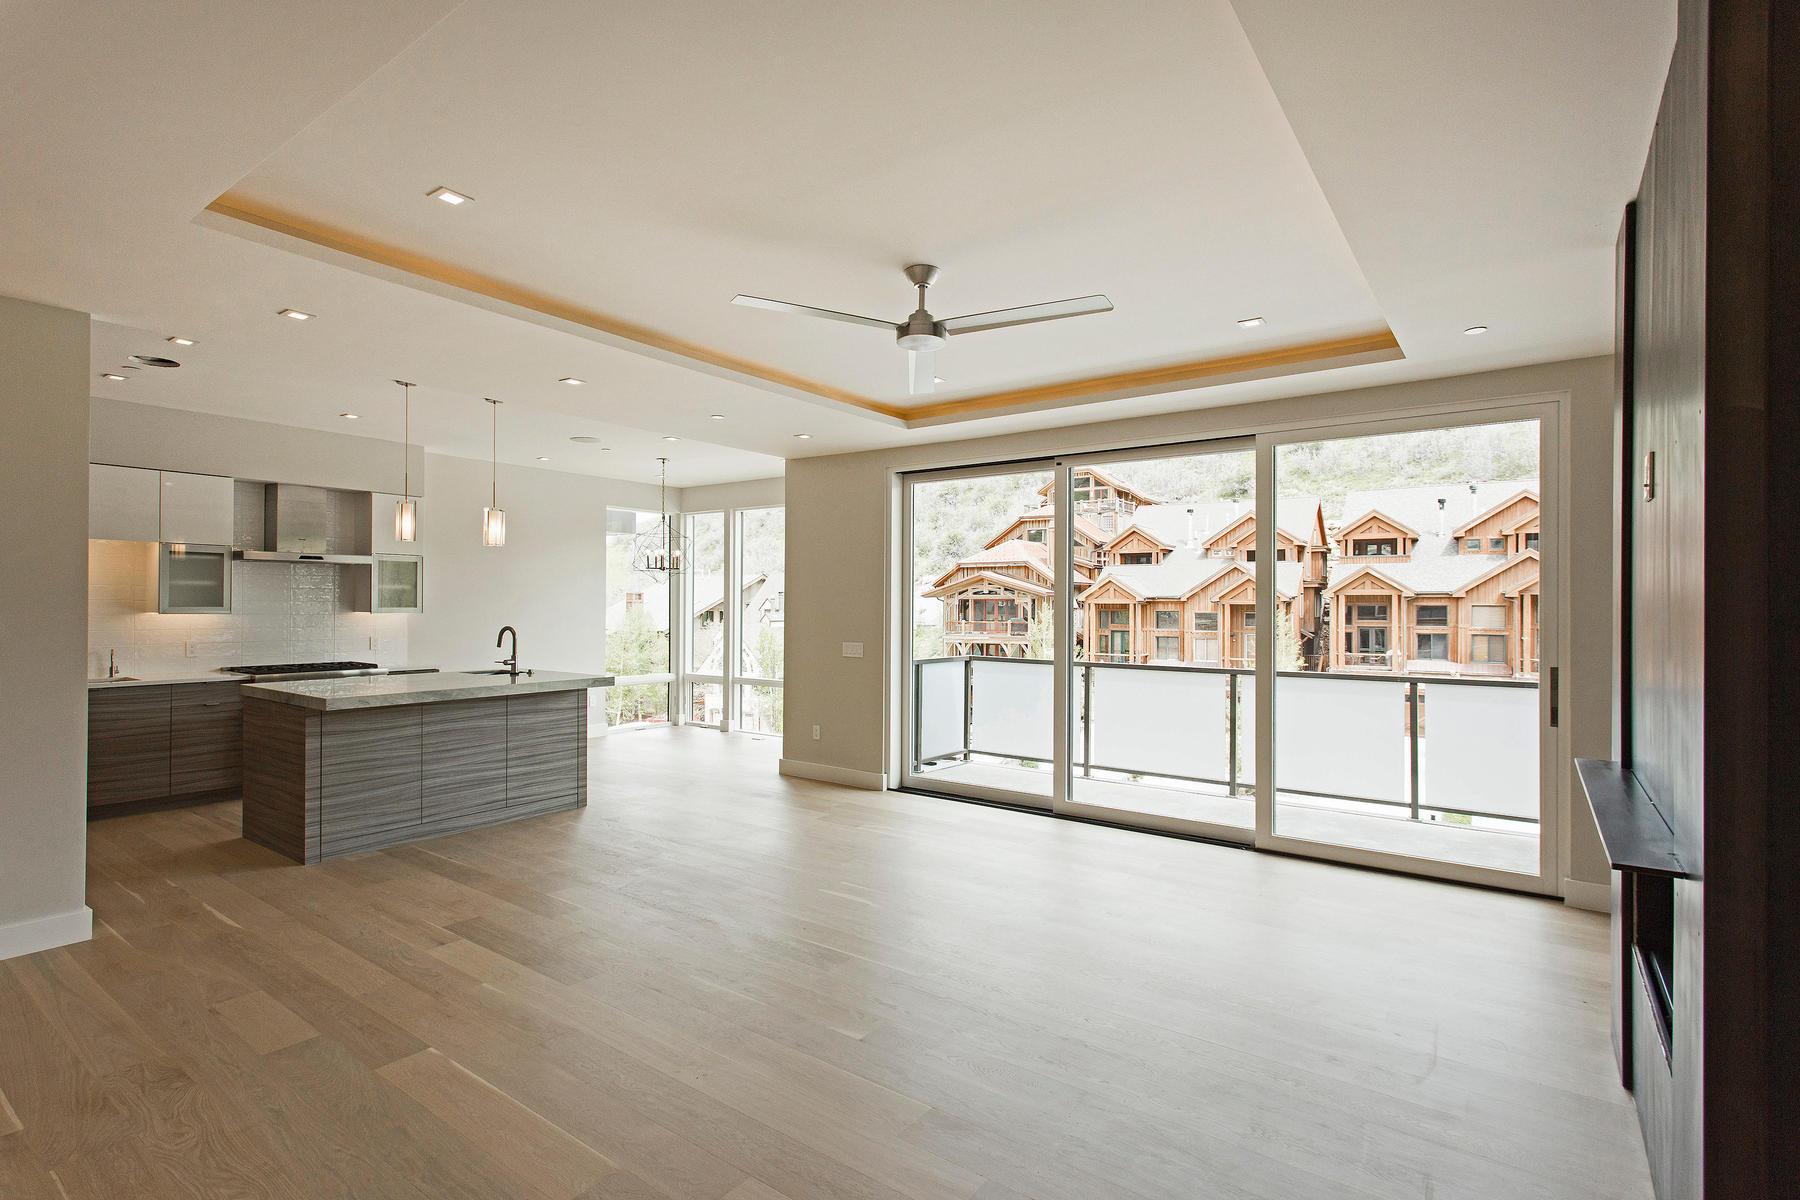 共管式独立产权公寓 为 销售 在 New Contemporary Construction in Old Town 300 Deer Valley Lp #B 帕克城, 犹他州, 84060 美国